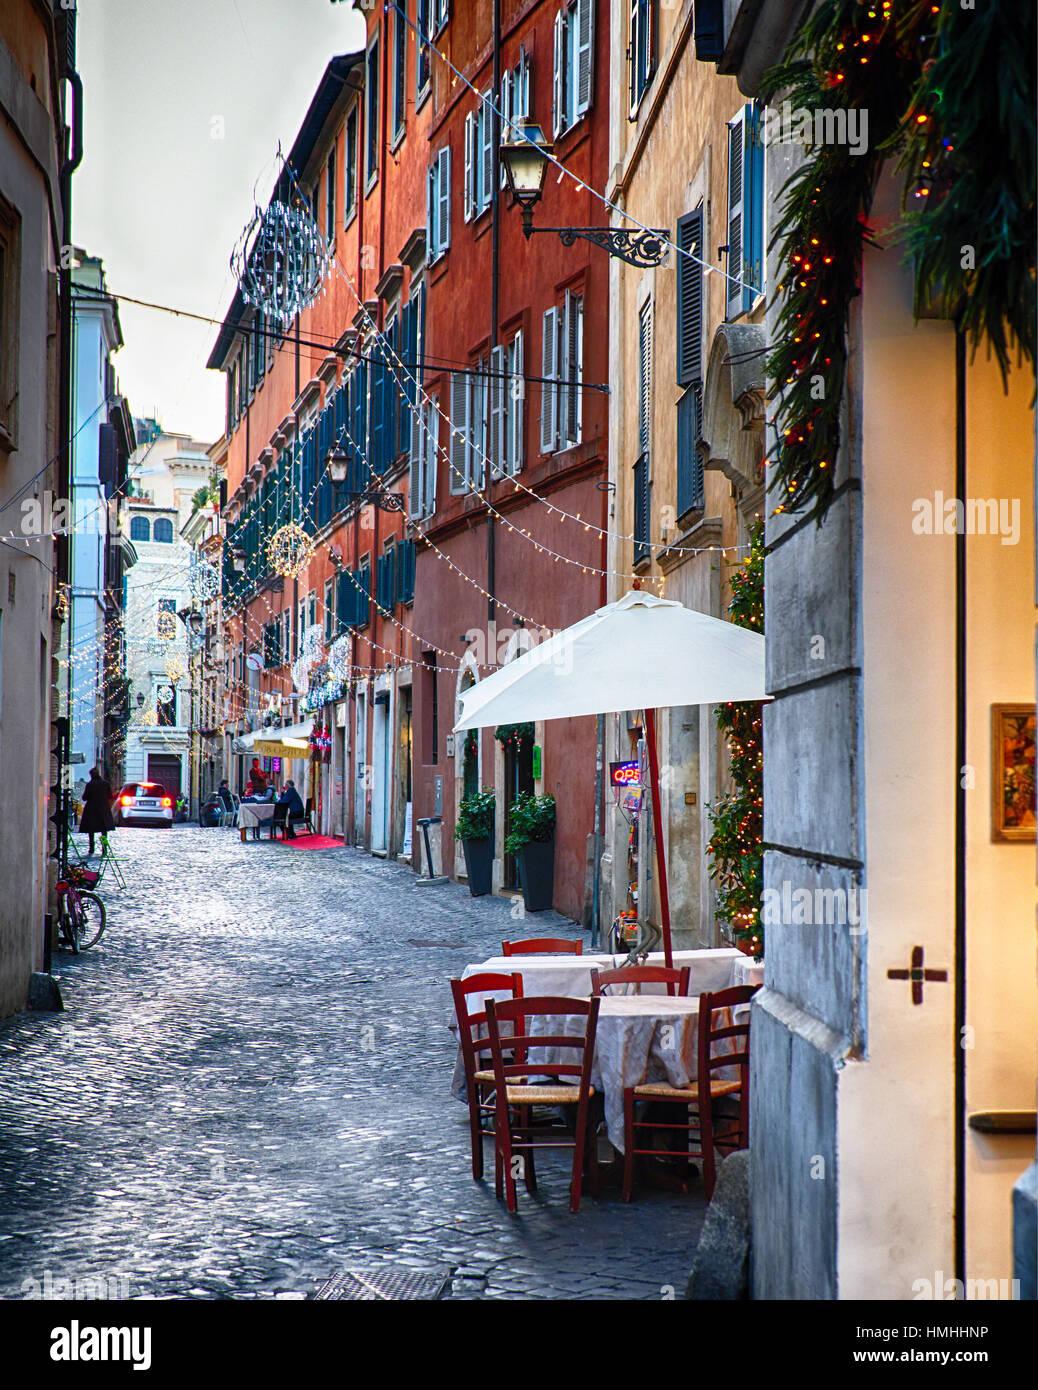 Gasse in Rom während der Weihnachtsferien, Via Del Orso, Rom, Latium, Italien Stockbild